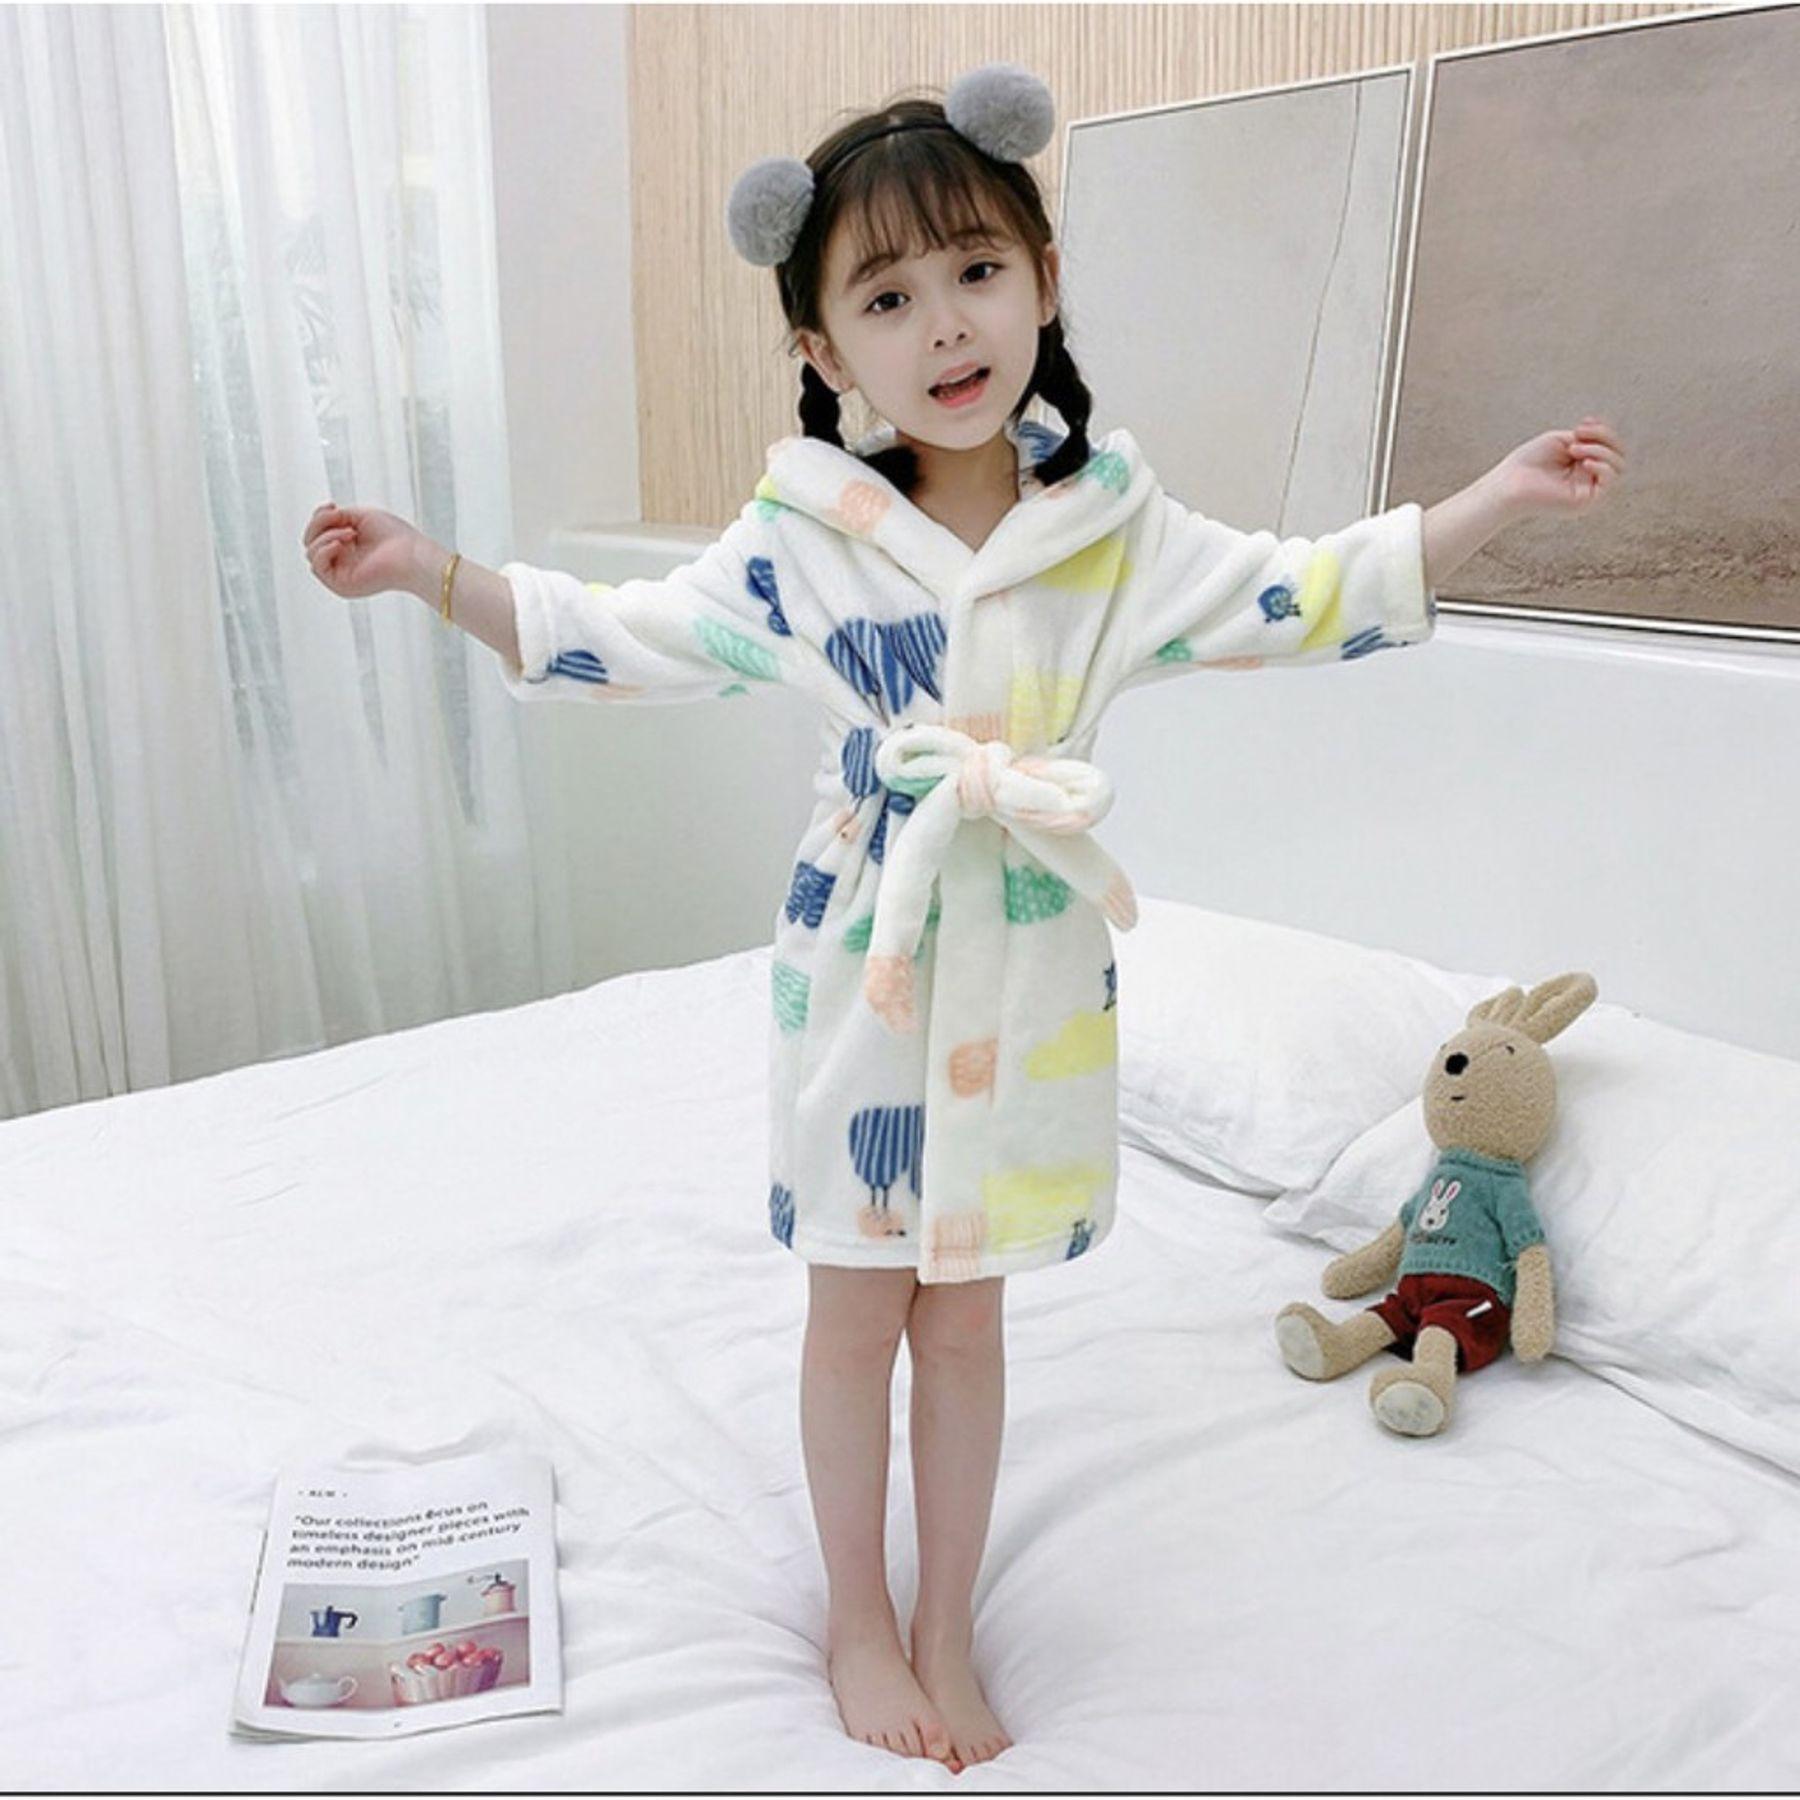 Áo choàng tắm cho bé làm từ chất liệu gì?